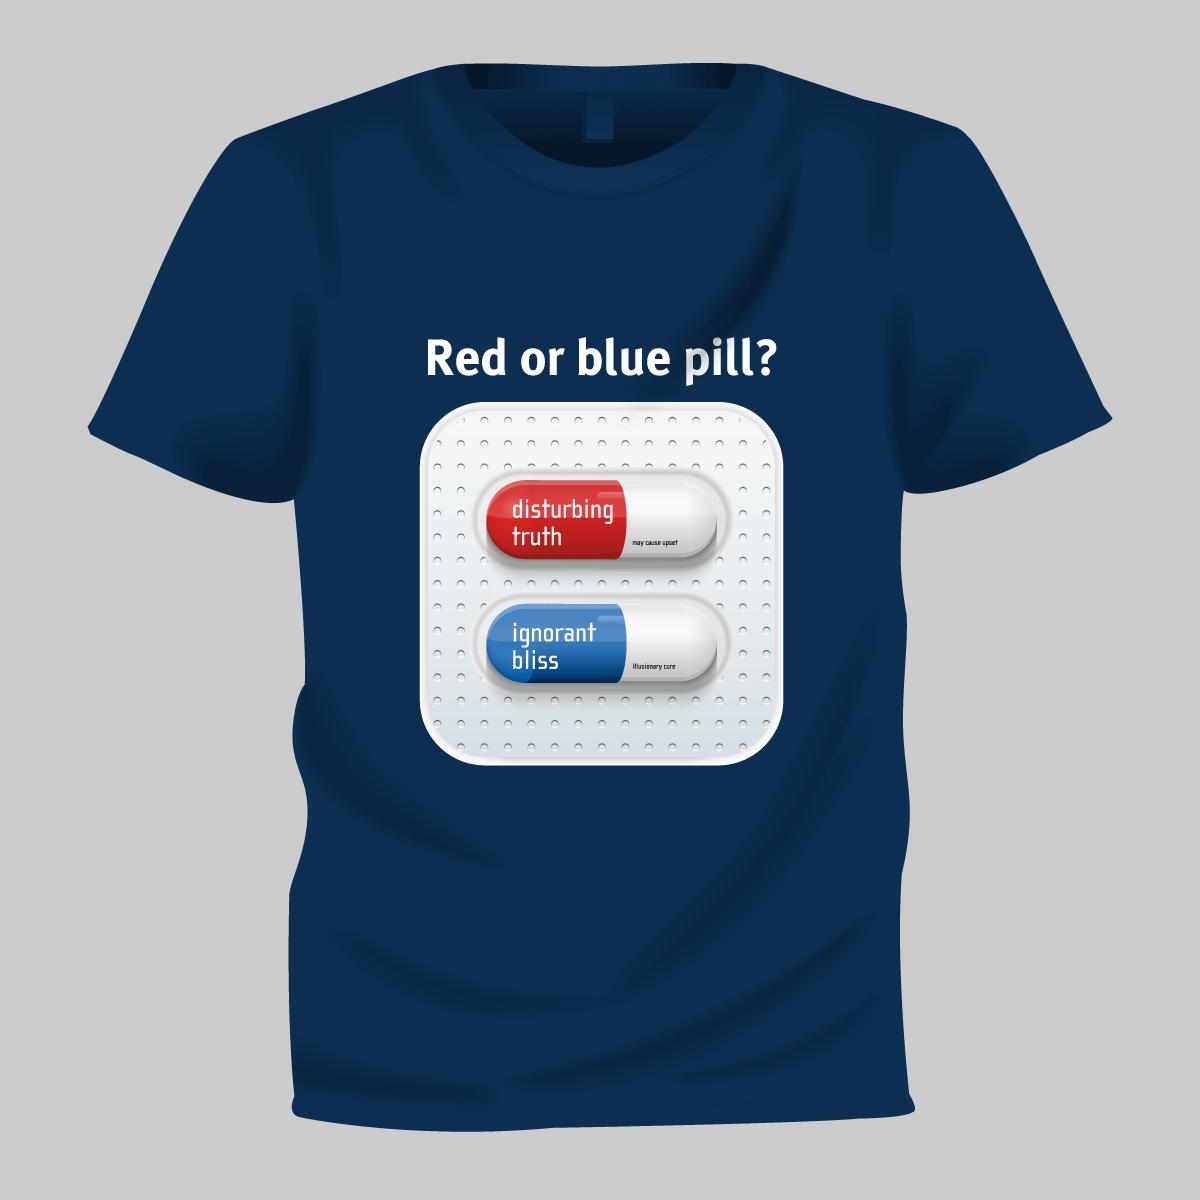 T-shirts zijn in diverse kleuren en modellen verkrijgbaar op Zazzle.